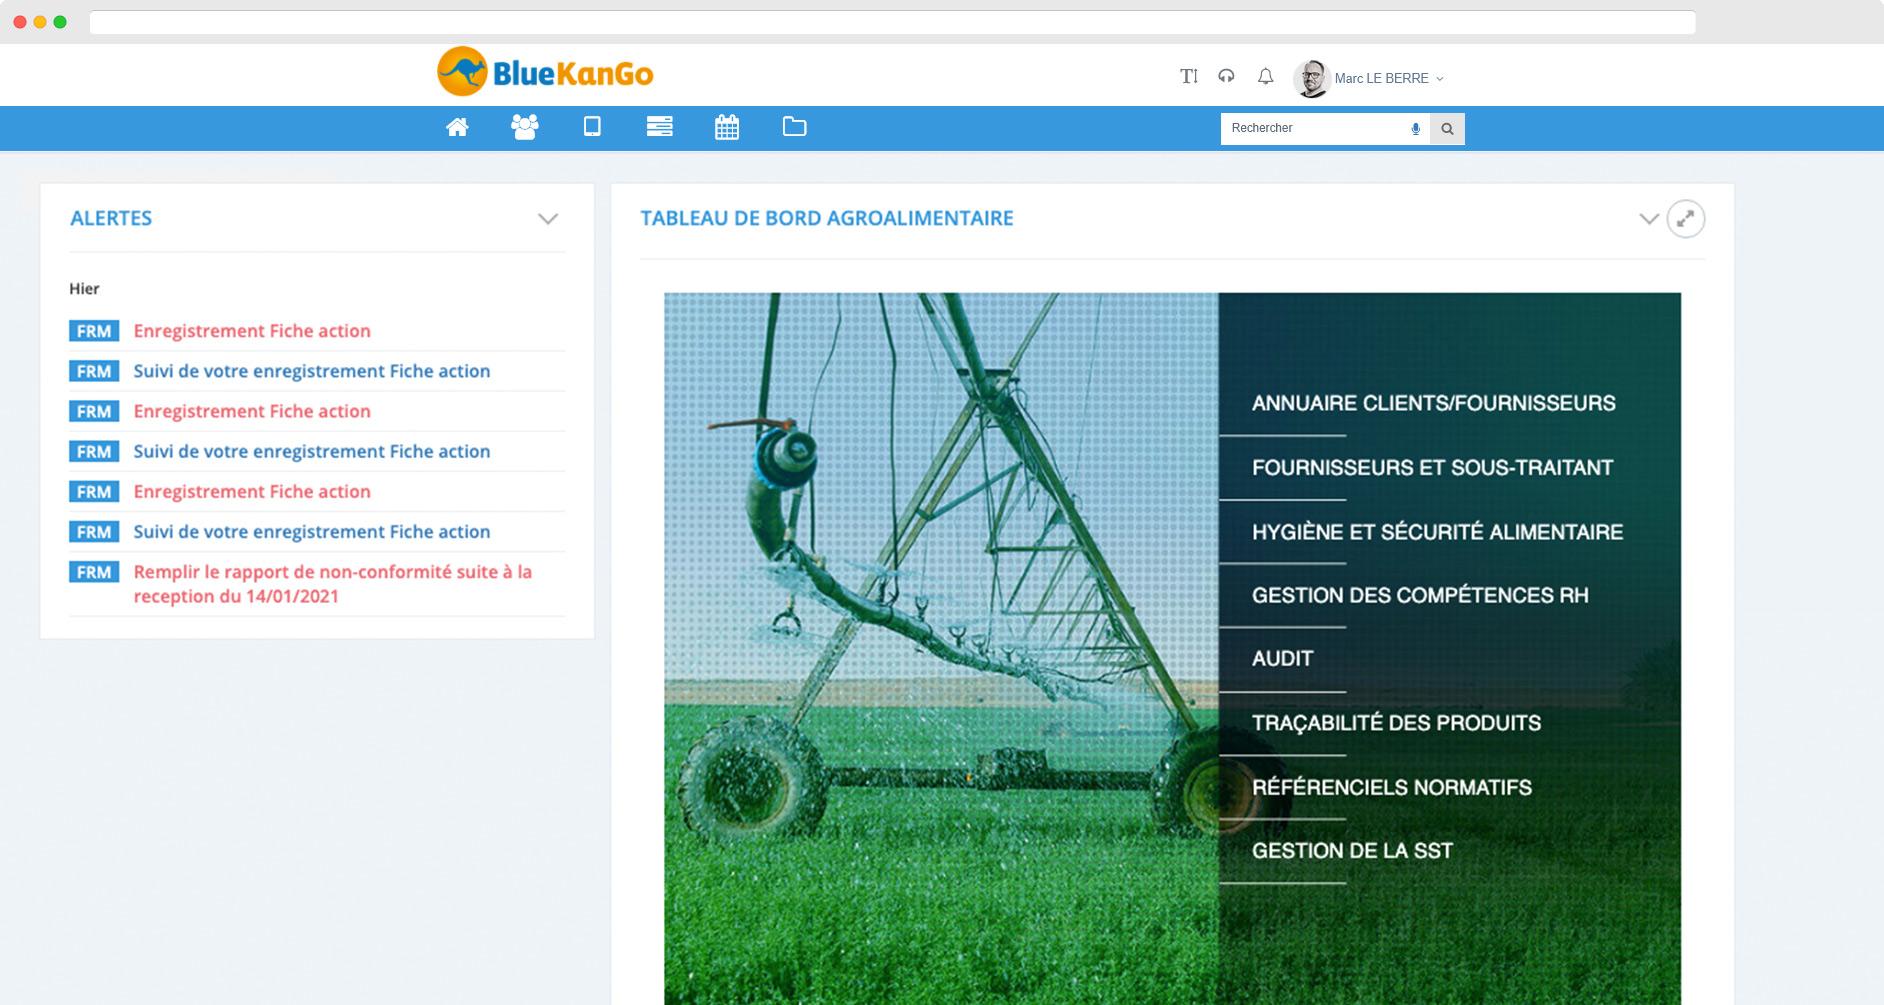 Capture d'écran du tableau de bord pour l'agroalimentaire SSE